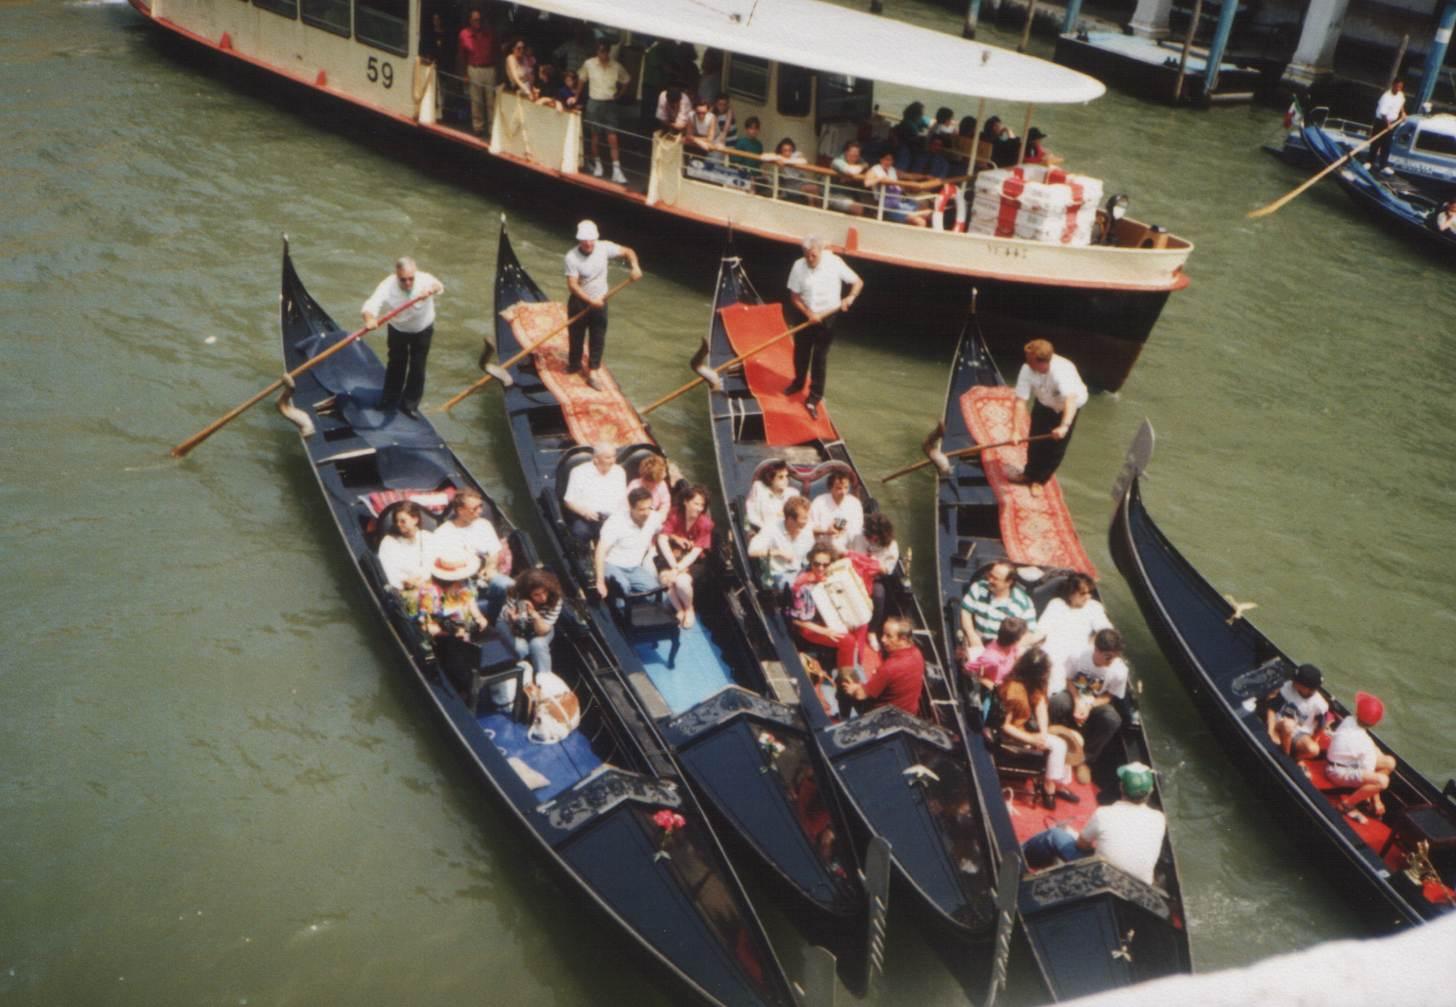 zwiedzanie wenecji, Wenecja, noclegi w Wenecji, przewodnik po Wenecji, jak zwiedzać Wenecję